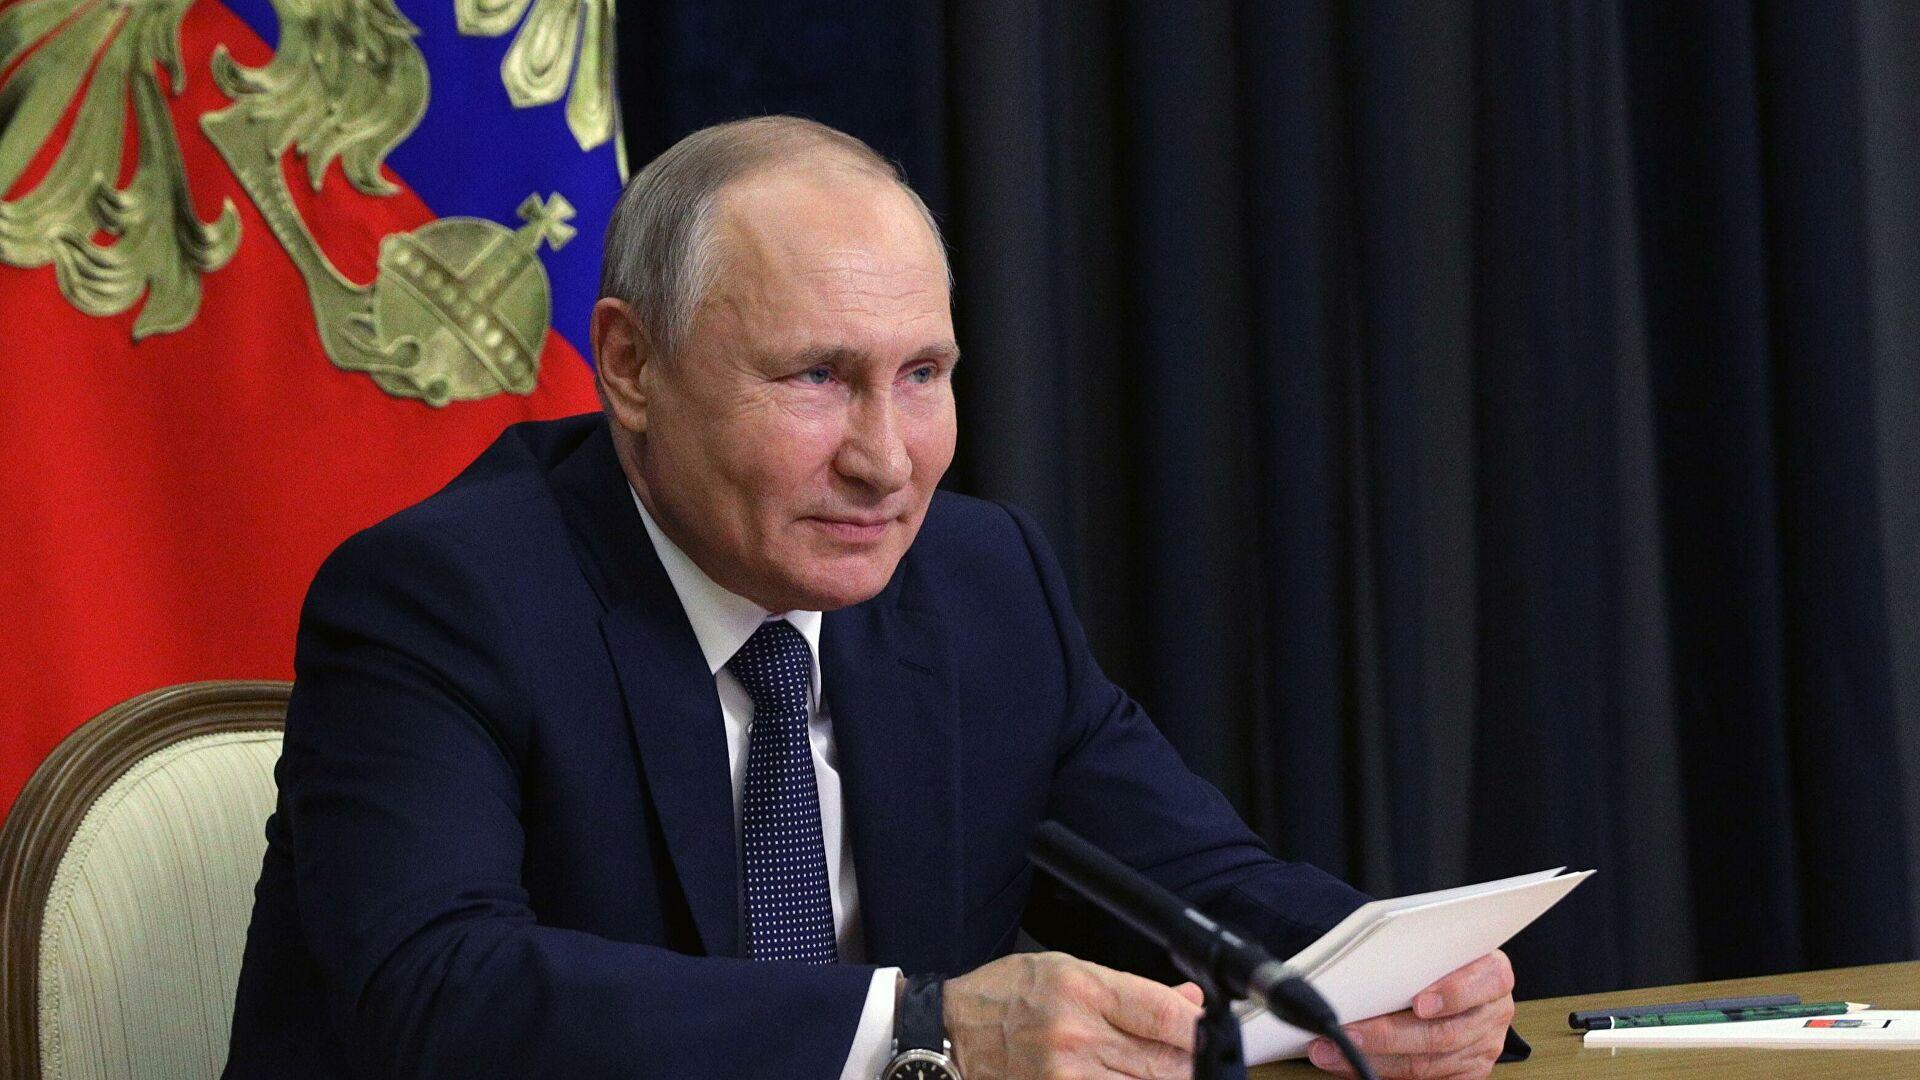 Путин оценил объем товарооборота между Россией и Белоруссией